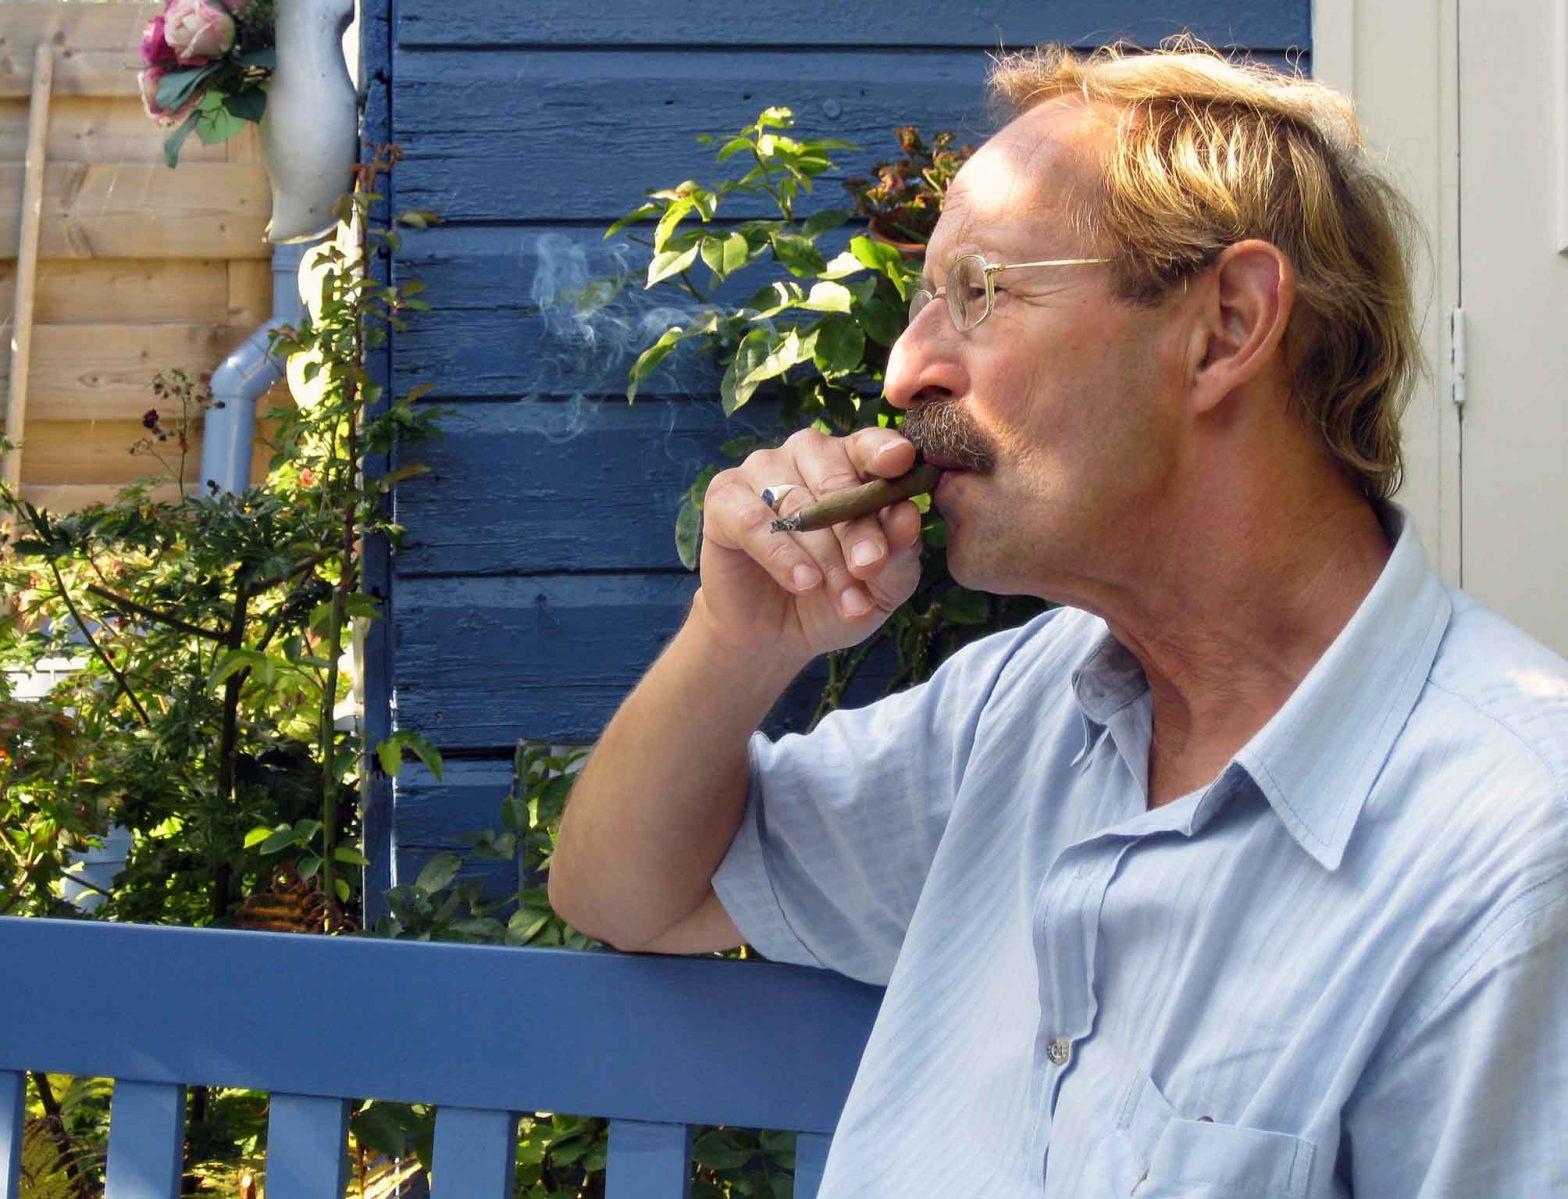 Hans en sigaar tegen schuttiing